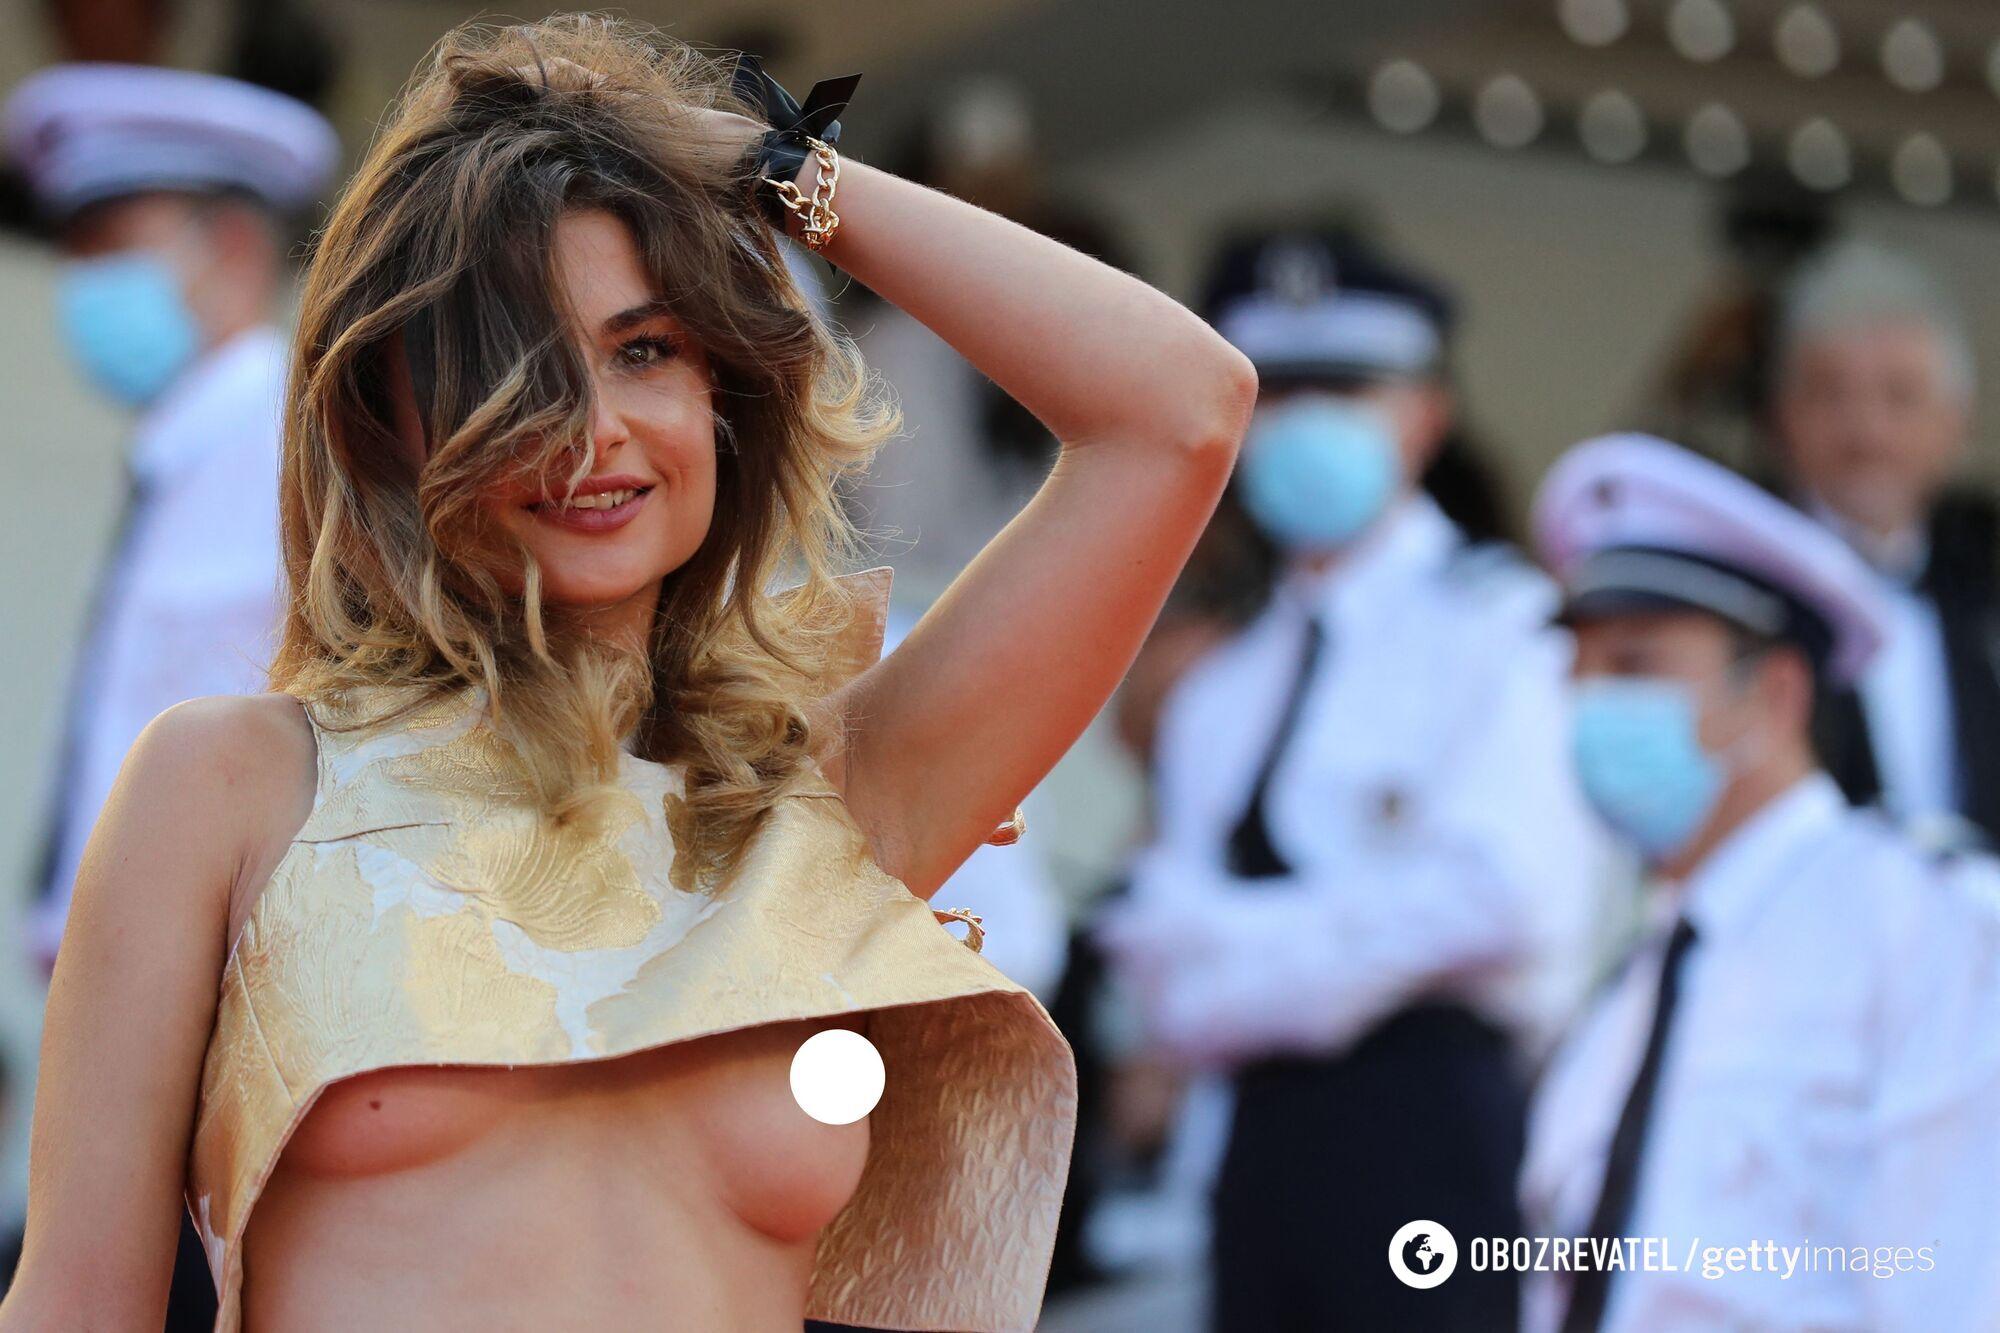 Девушка с голой грудью.